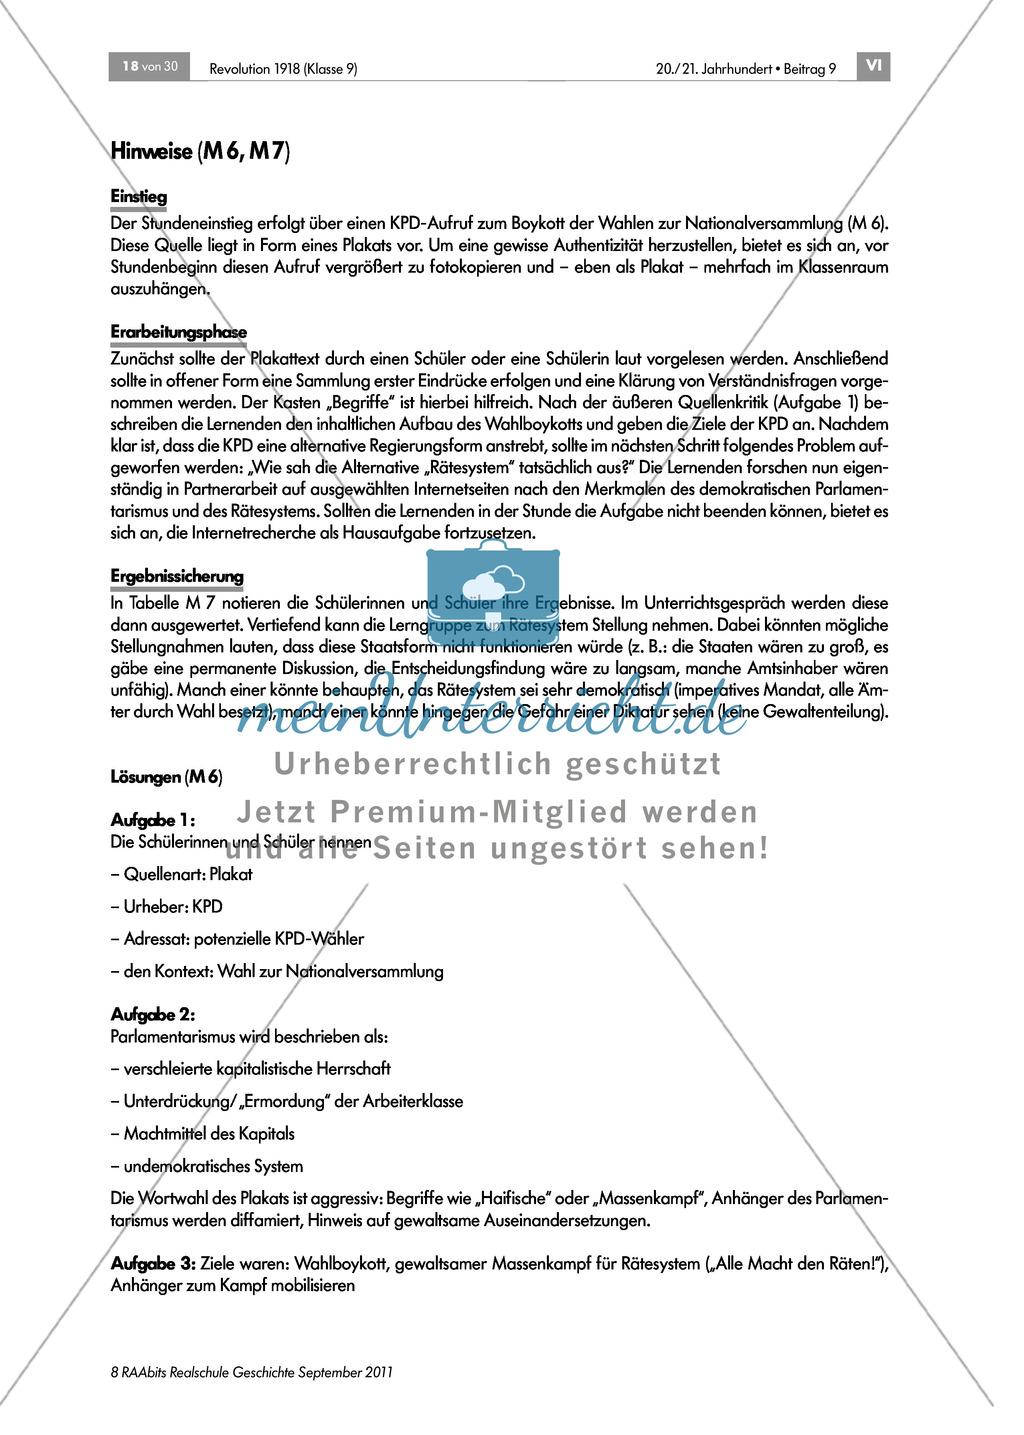 Quellen, Plakate, Flugblätter zum Spartakusbund und zur KPD in der Weimarer Republik mit Aufgaben Preview 2